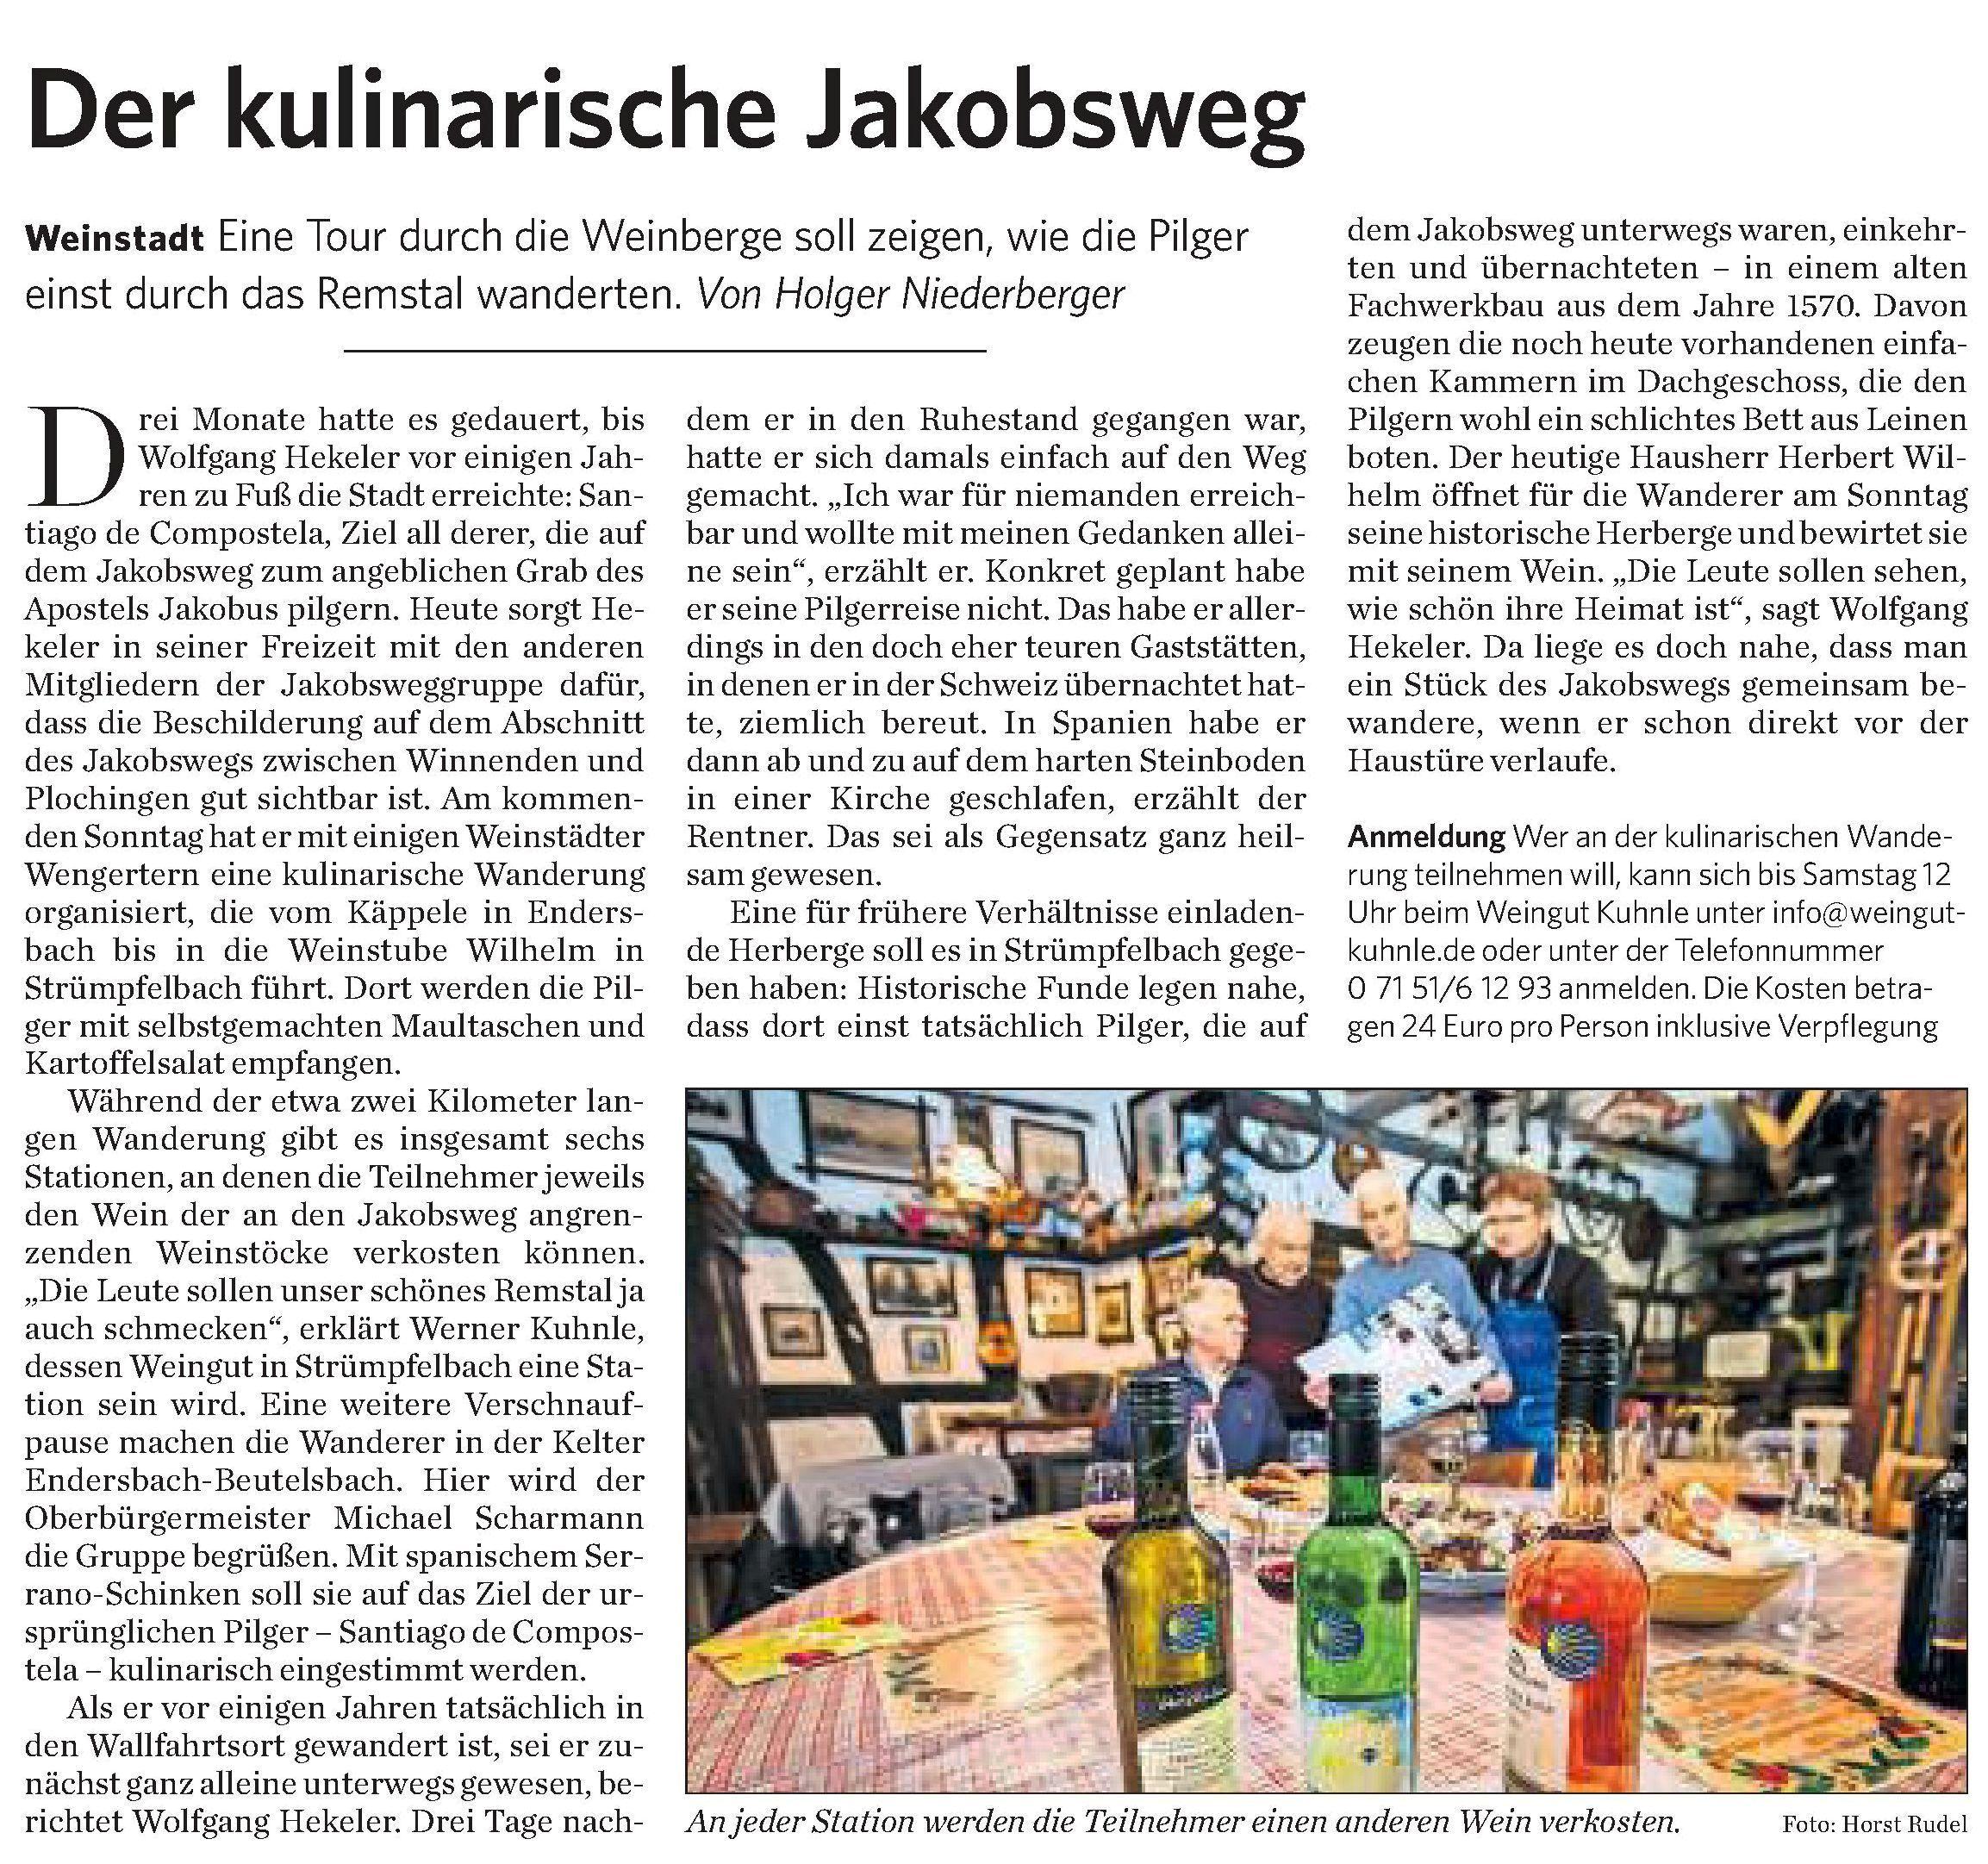 <?=Der kulinarische Jakobsweg?>